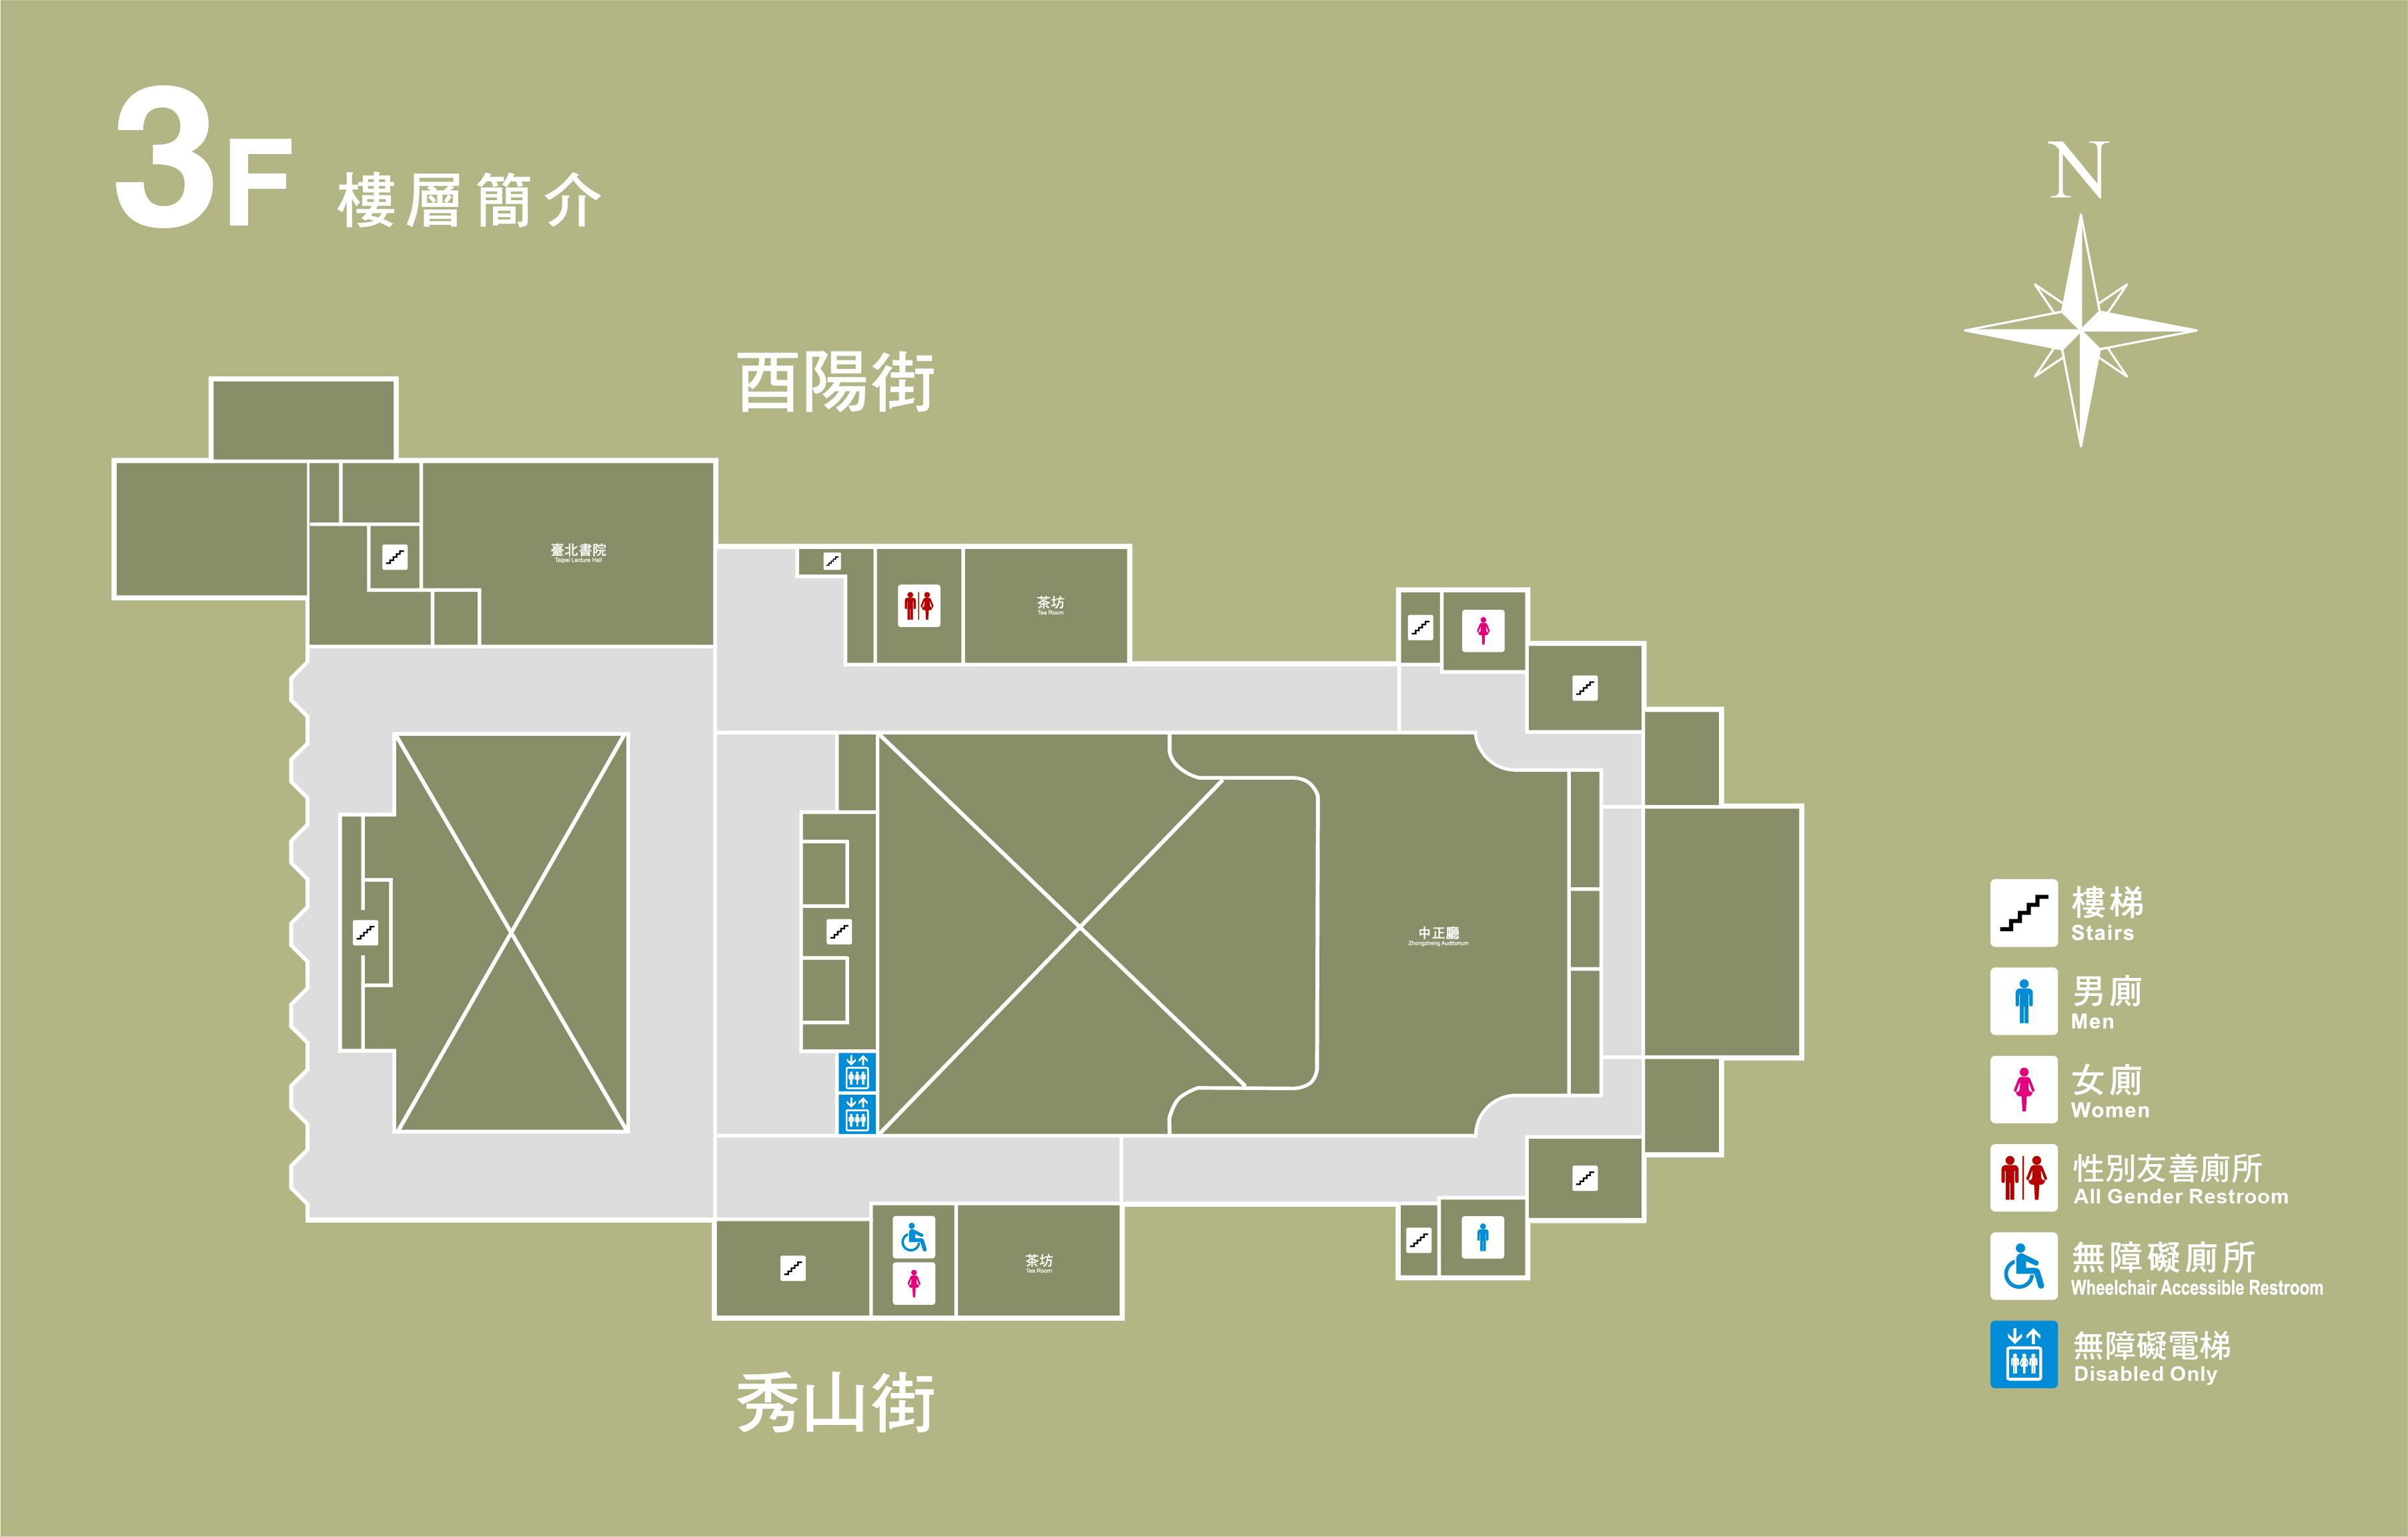 無障礙設施平面圖_3樓